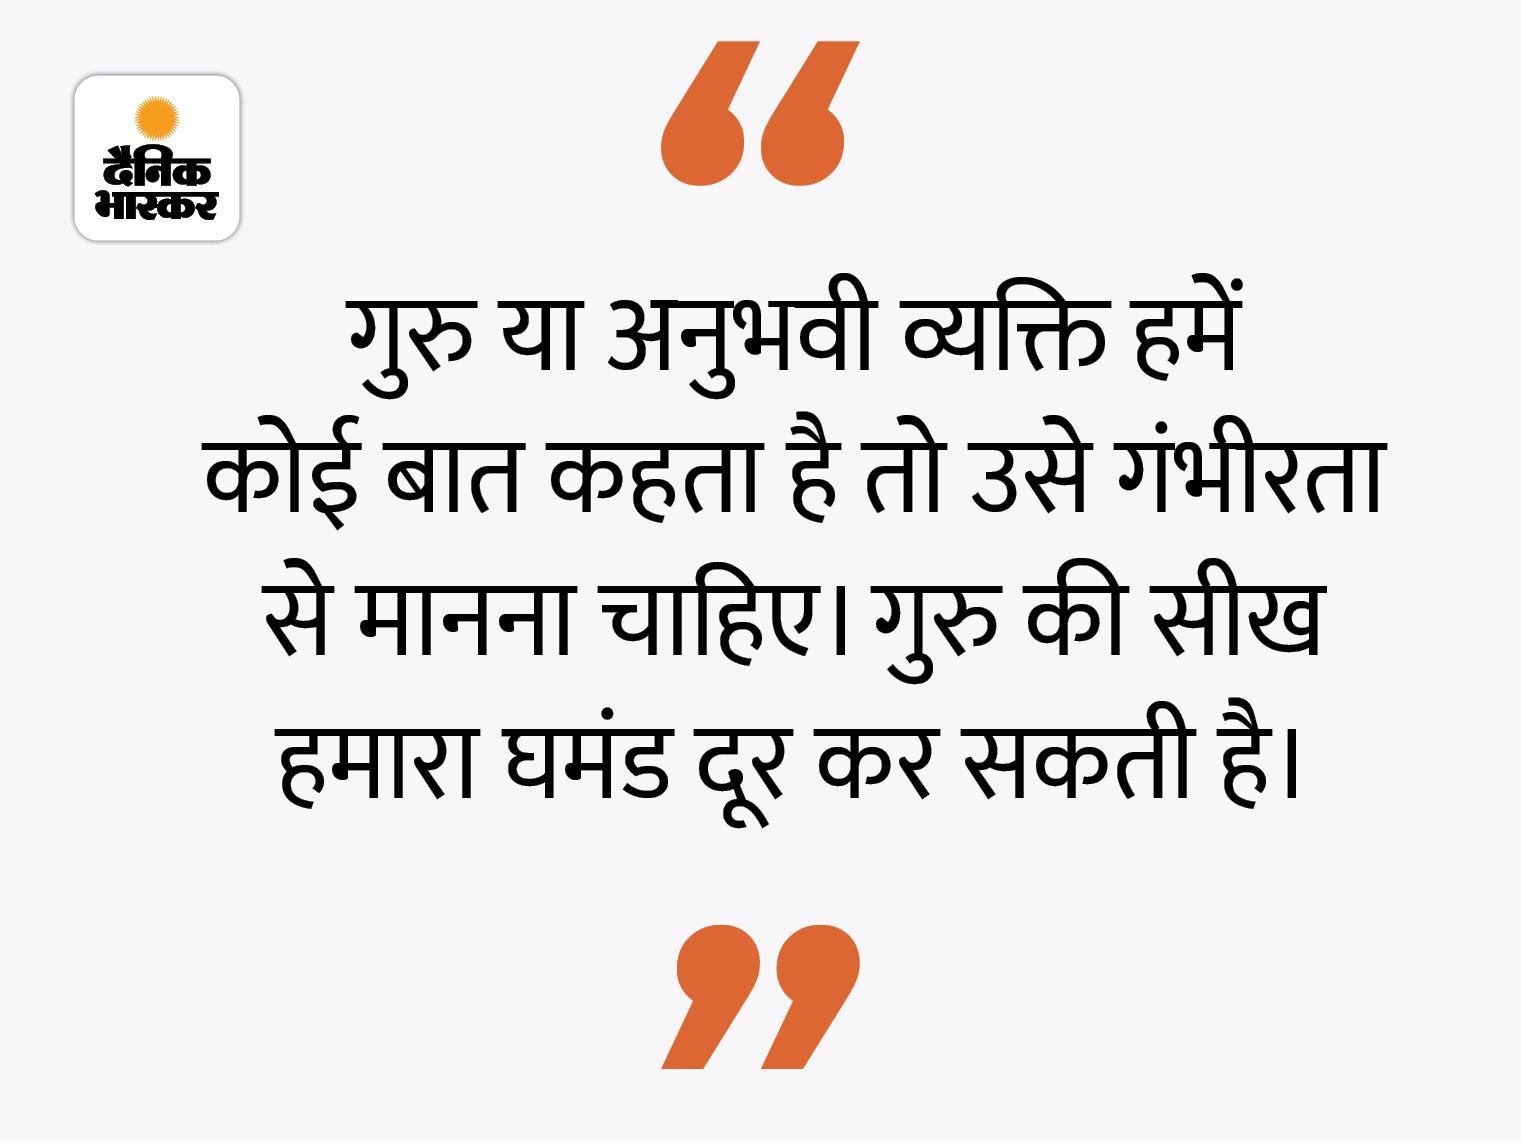 कभी भी किसी काम का अहंकार न करें, क्योंकि सबसे ऊपर परमशक्ति है|धर्म,Dharm - Dainik Bhaskar